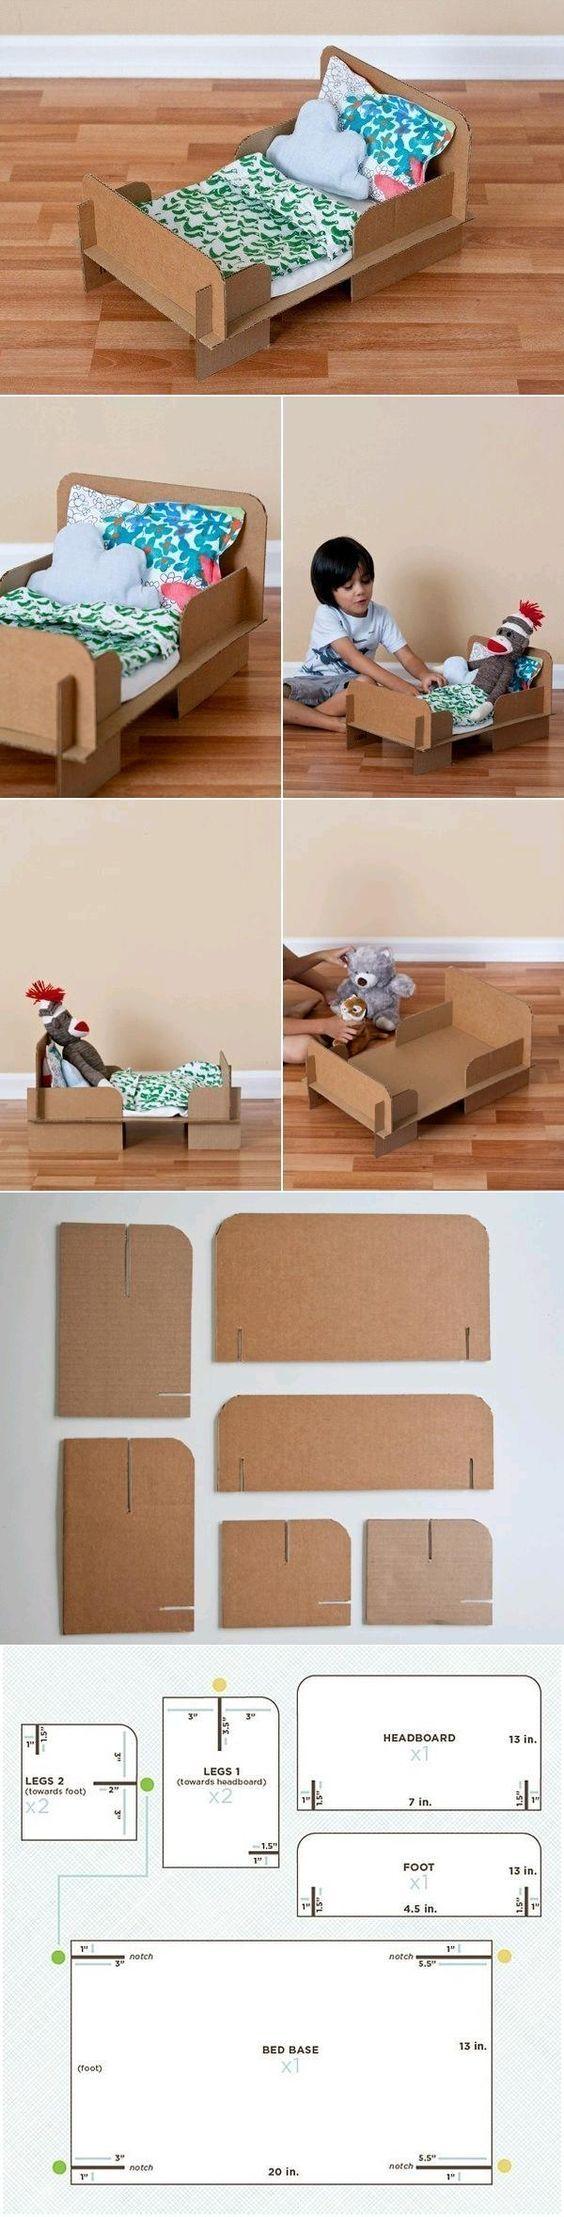 Мебель из картона миниатюрная своими руками 66